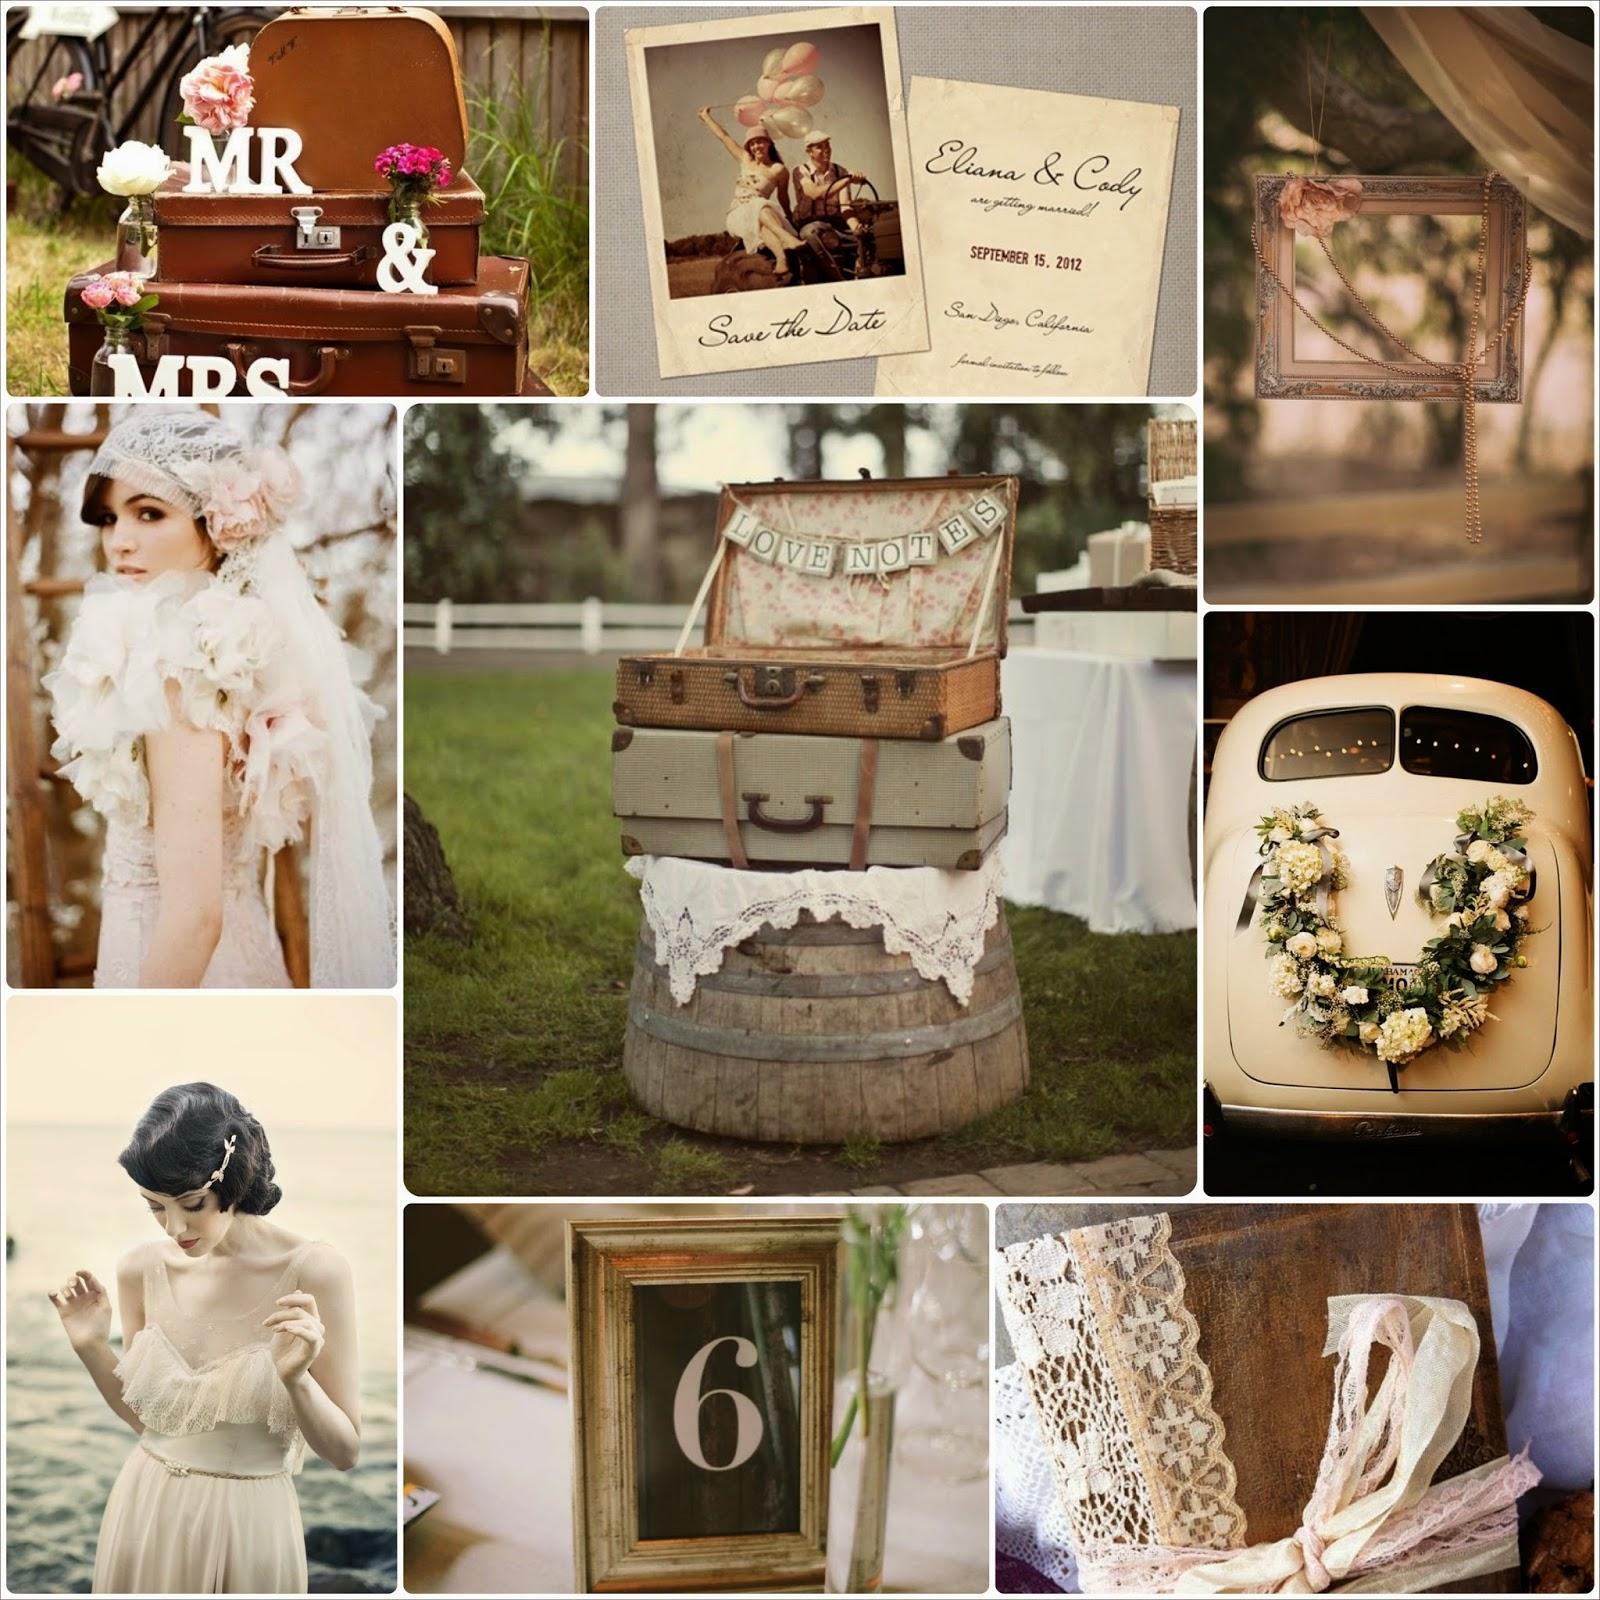 Inspiración bodas de estilo retro vintage, objetos de estilo antiguo, decoración y vestidos